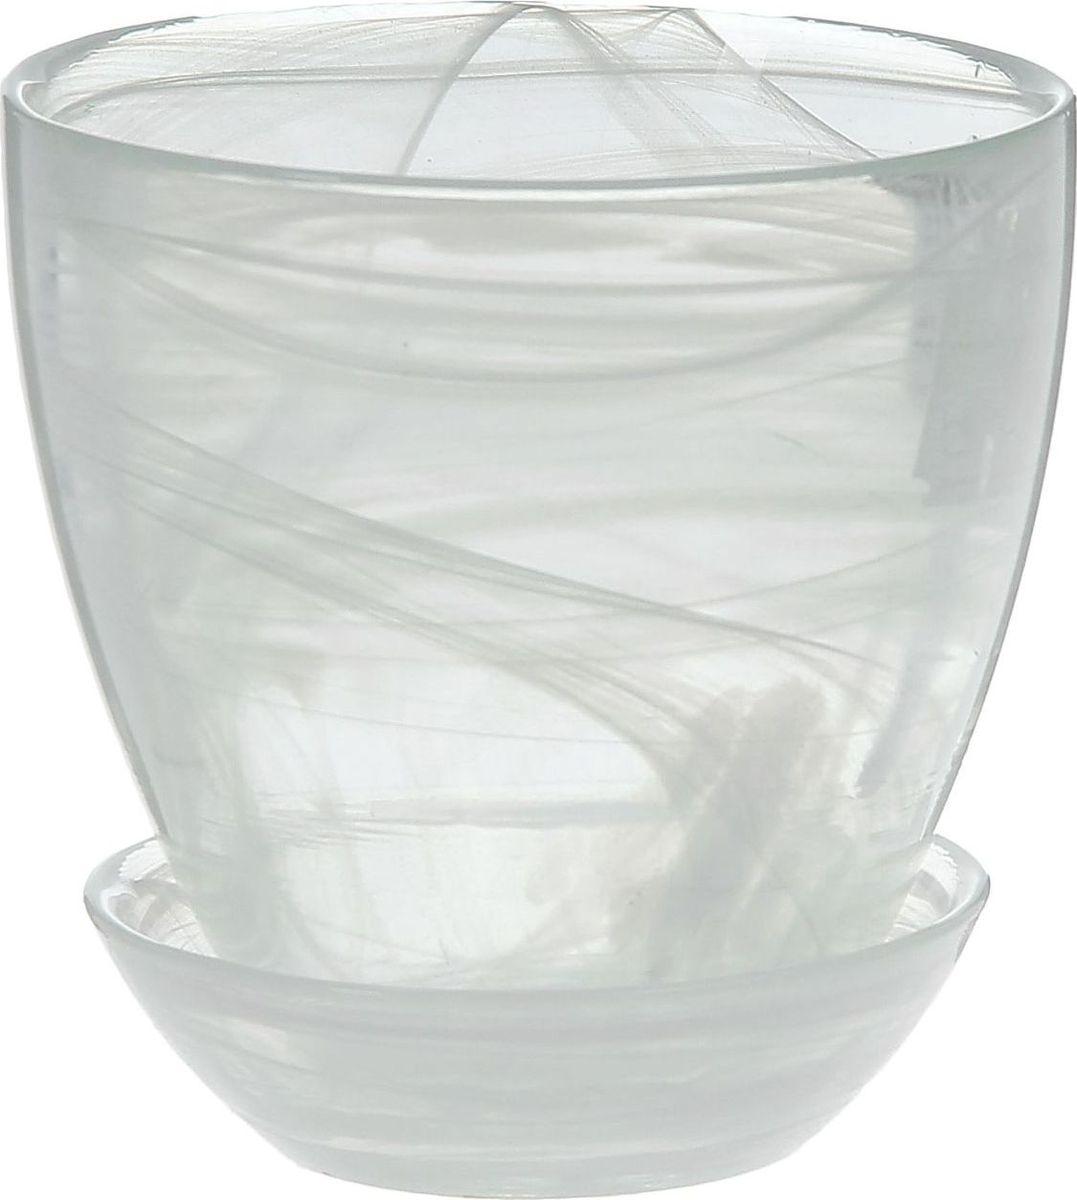 Кашпо NiNaGlass Гармония, с поддоном, цвет: белый, 500 мл1221923Кашпо NiNaGlass Гармония изготовлено из высококачественного стекла и оснащено поддоном для стока воды. Изделие прекрасно подойдет для выращивания растений дома и на приусадебных участках.